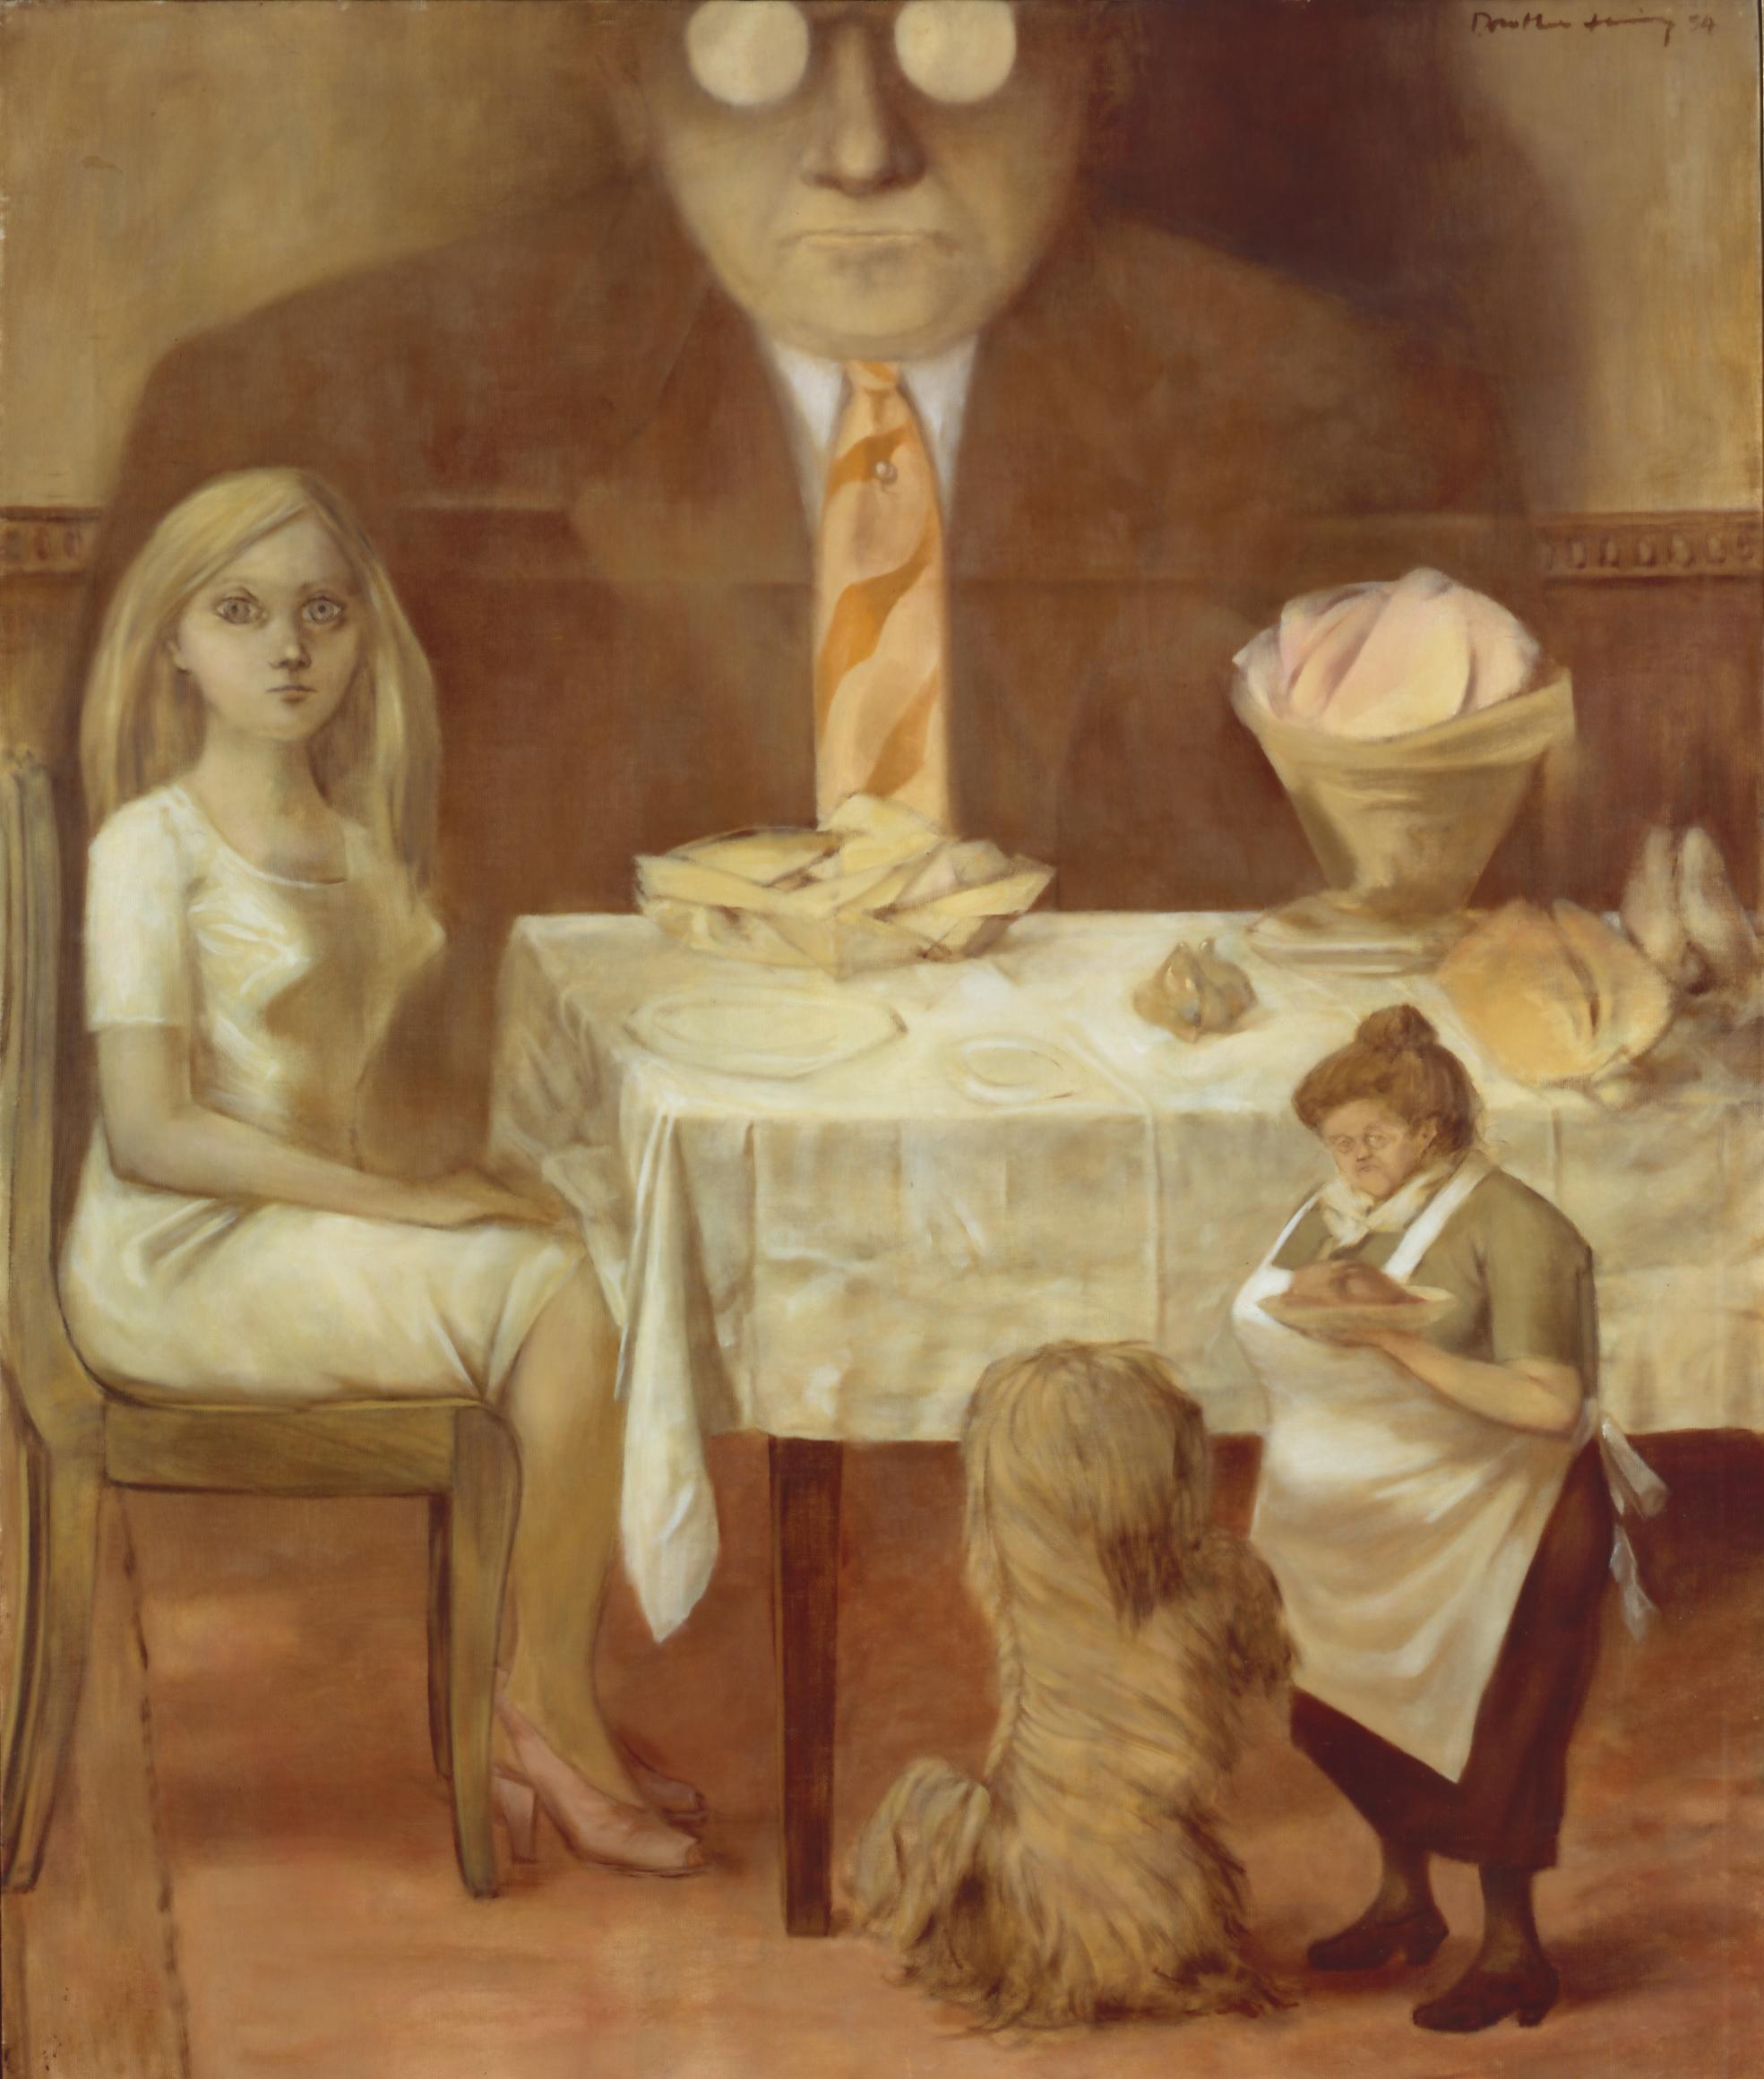 Dorothea Tanning (1910 – 2012),   Family Portrait,  1954 Oil paint on canvas Acquired in 1977. Centre Pompidou, Paris. Musée national d'art modern/ Centre de création industrielle Photo © Centre Pompidou, MNAM-CCI, Dist. RMN-Grand Palais /image Centre Pompidou, MNAM-CCI © DACS, 2018